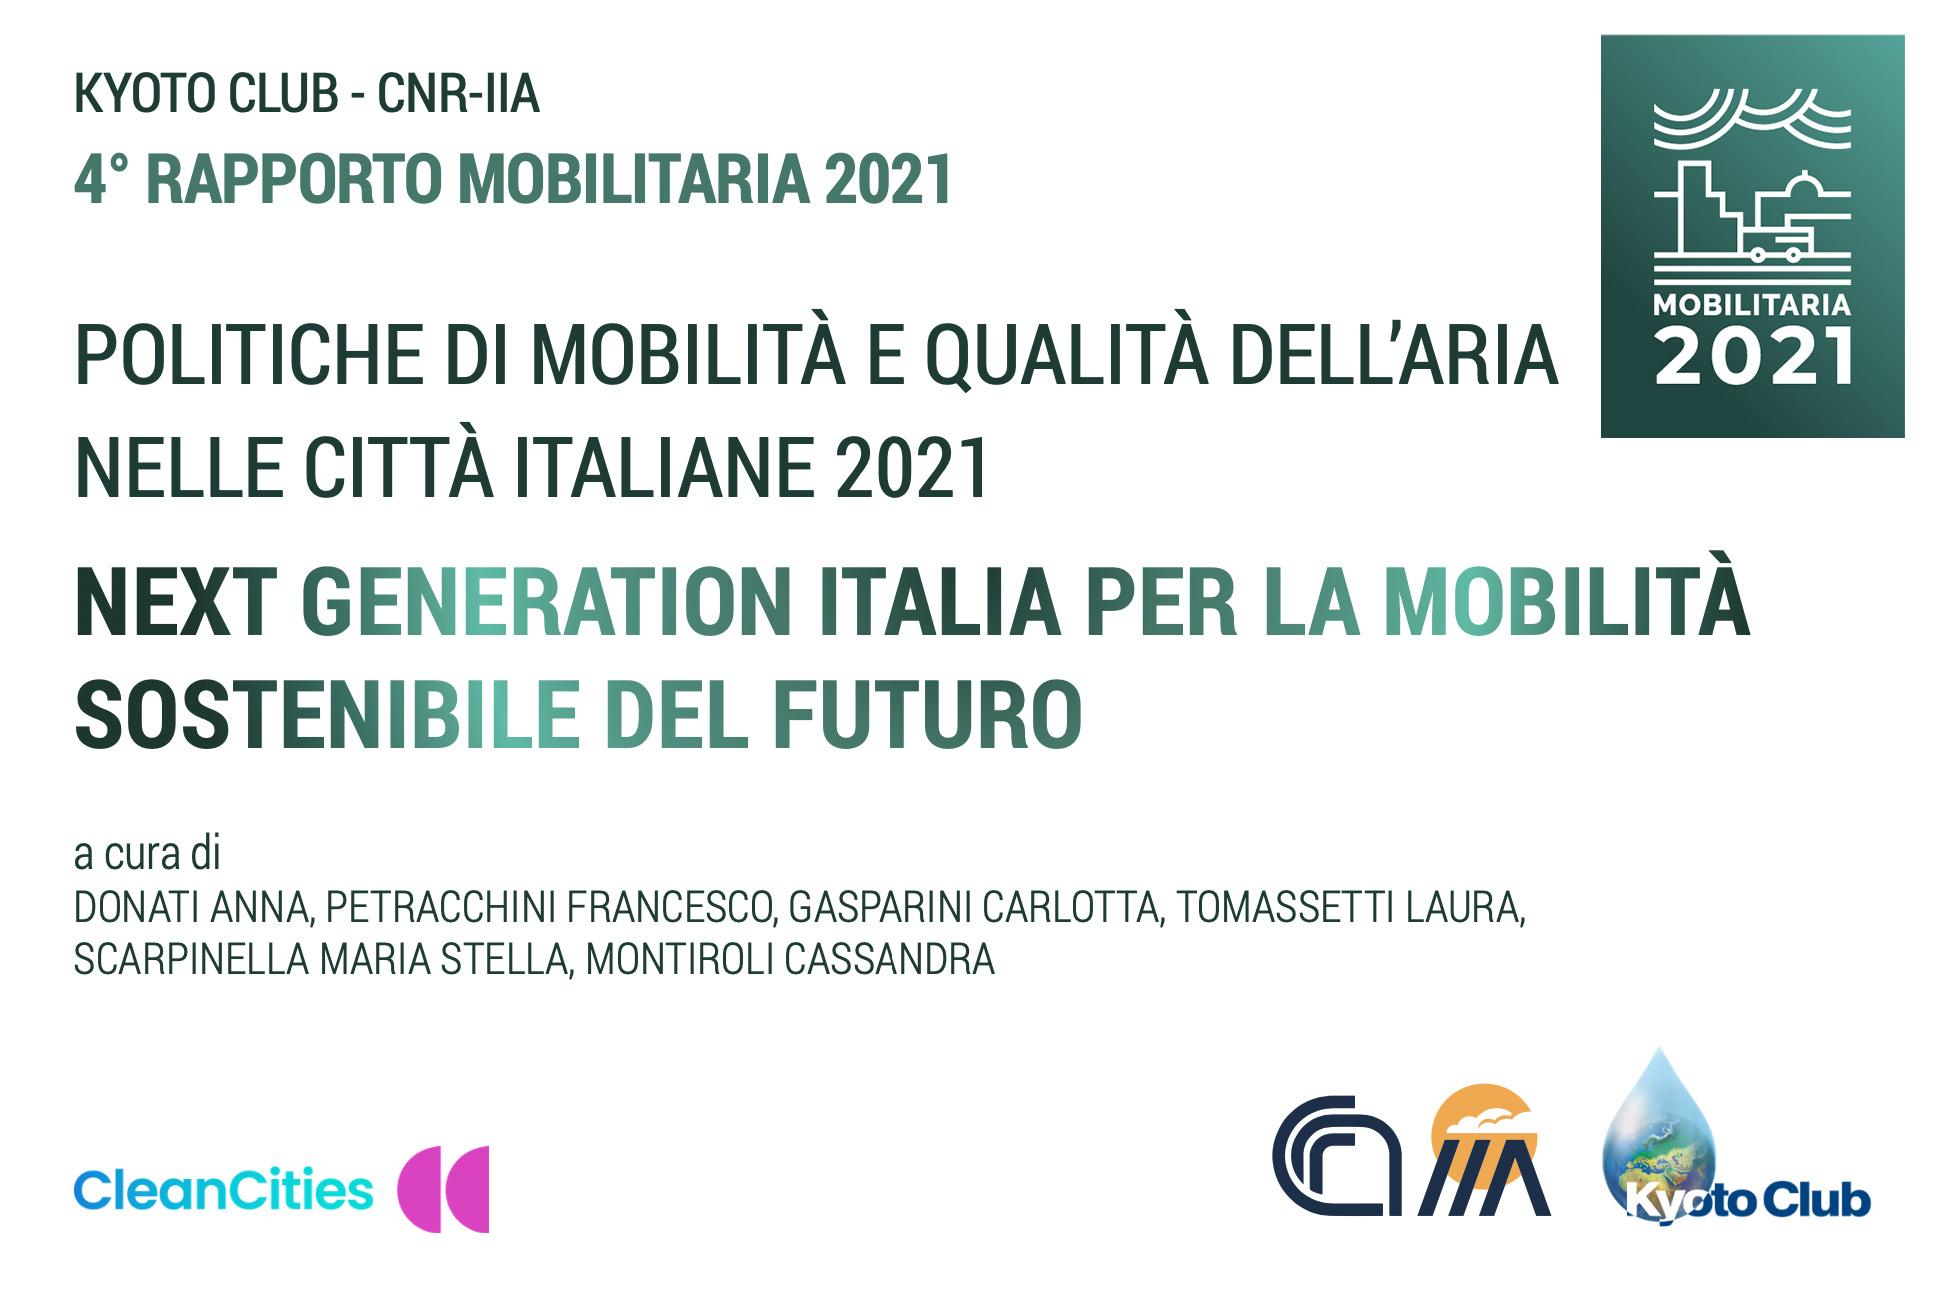 Il banner del rapporto Mobilitaria 2021 che raccoglie dati sull'inquinamento e la mobilità